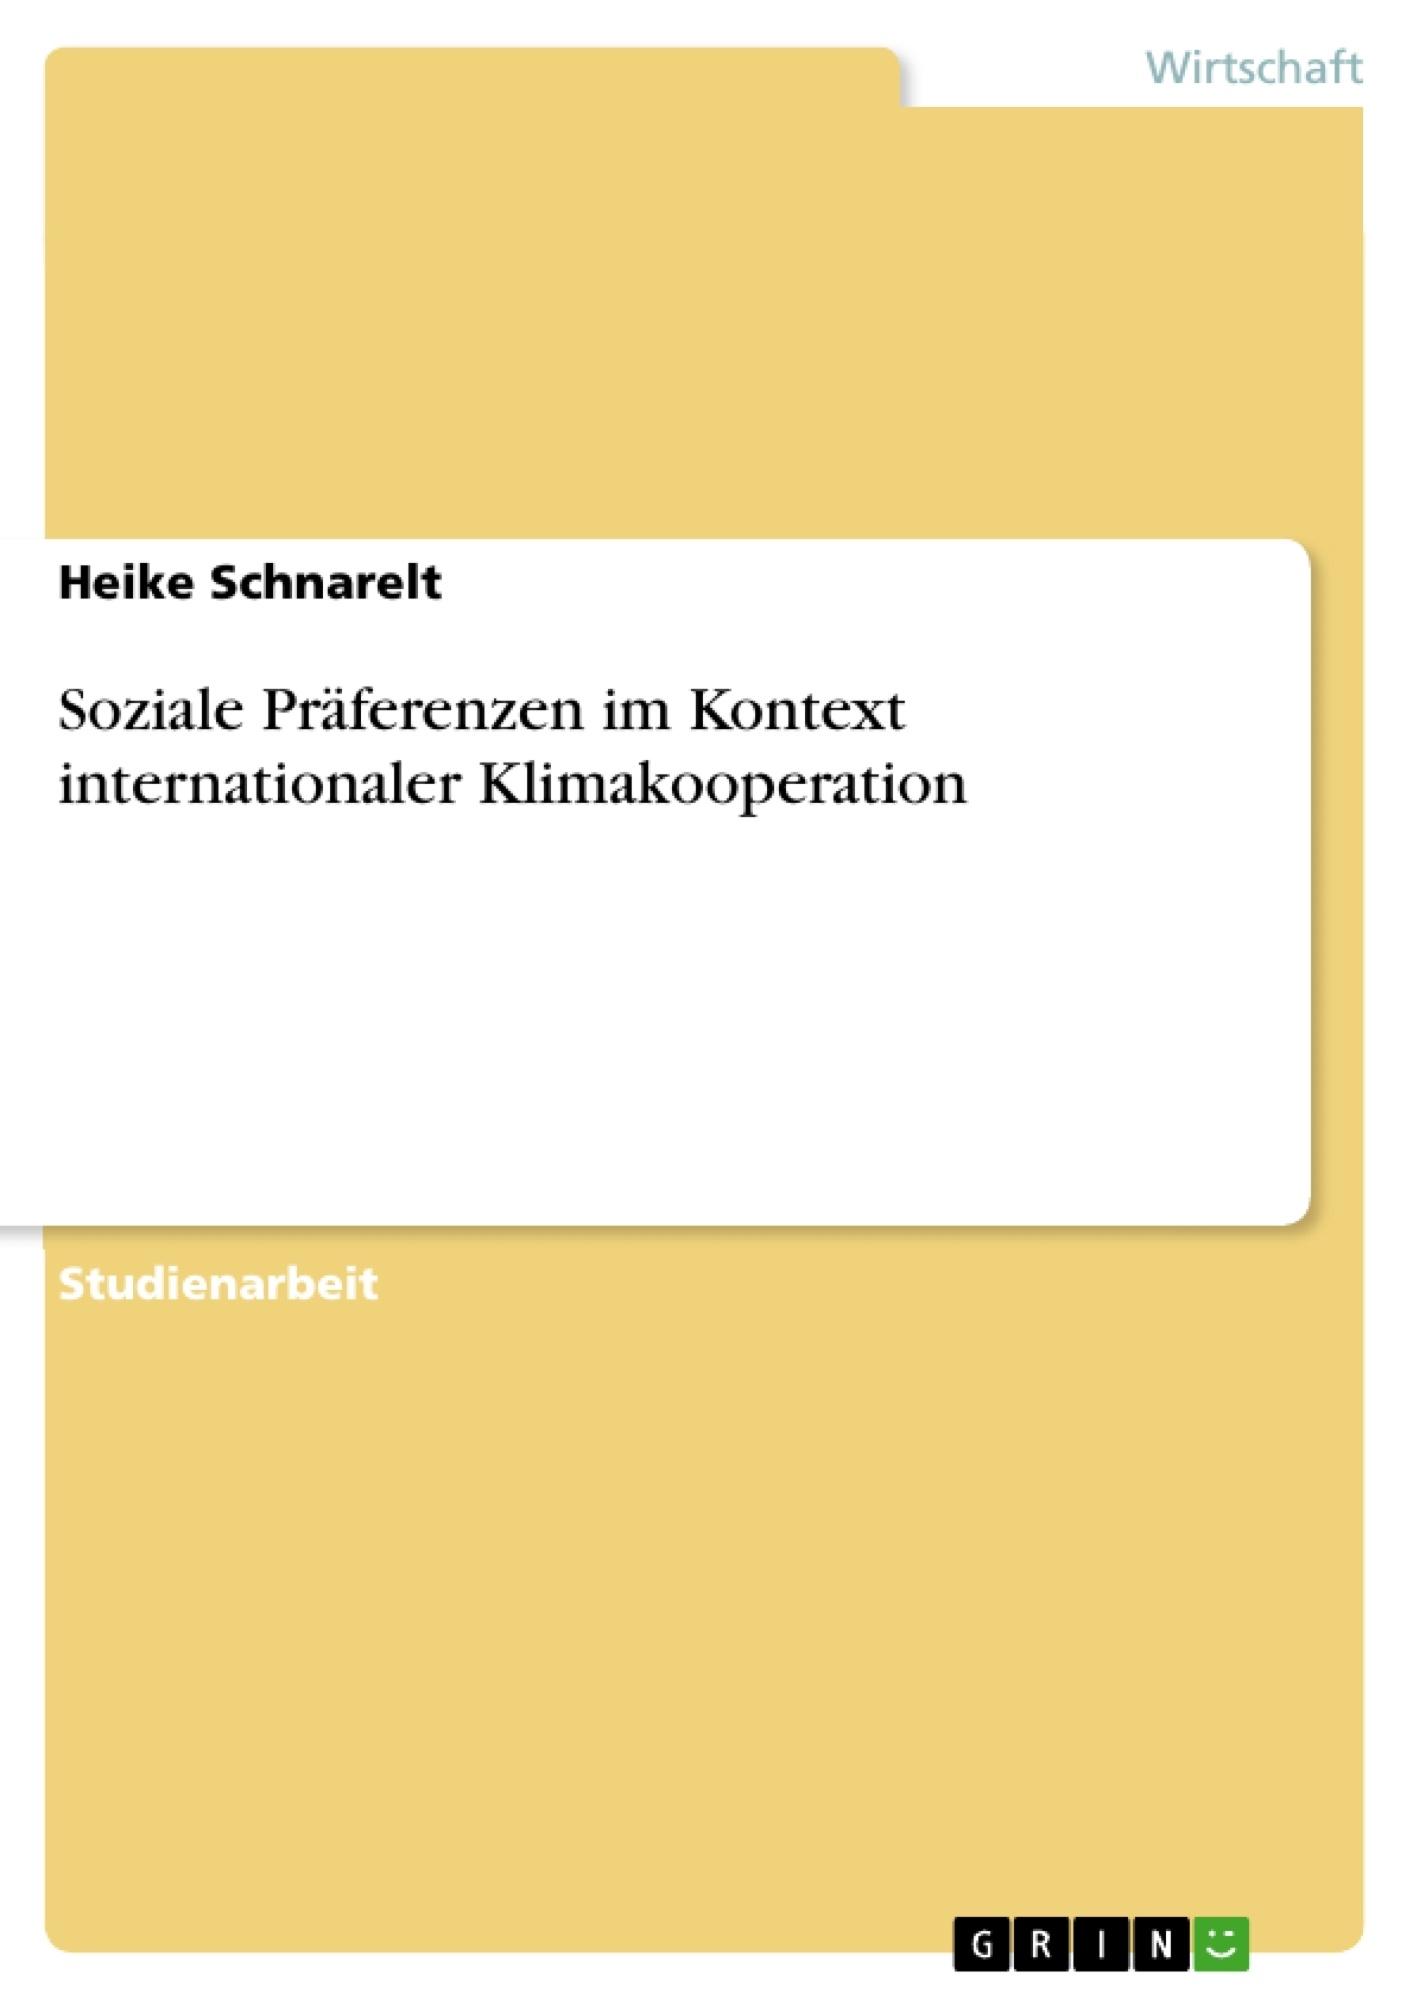 Titel: Soziale Präferenzen im Kontext internationaler Klimakooperation